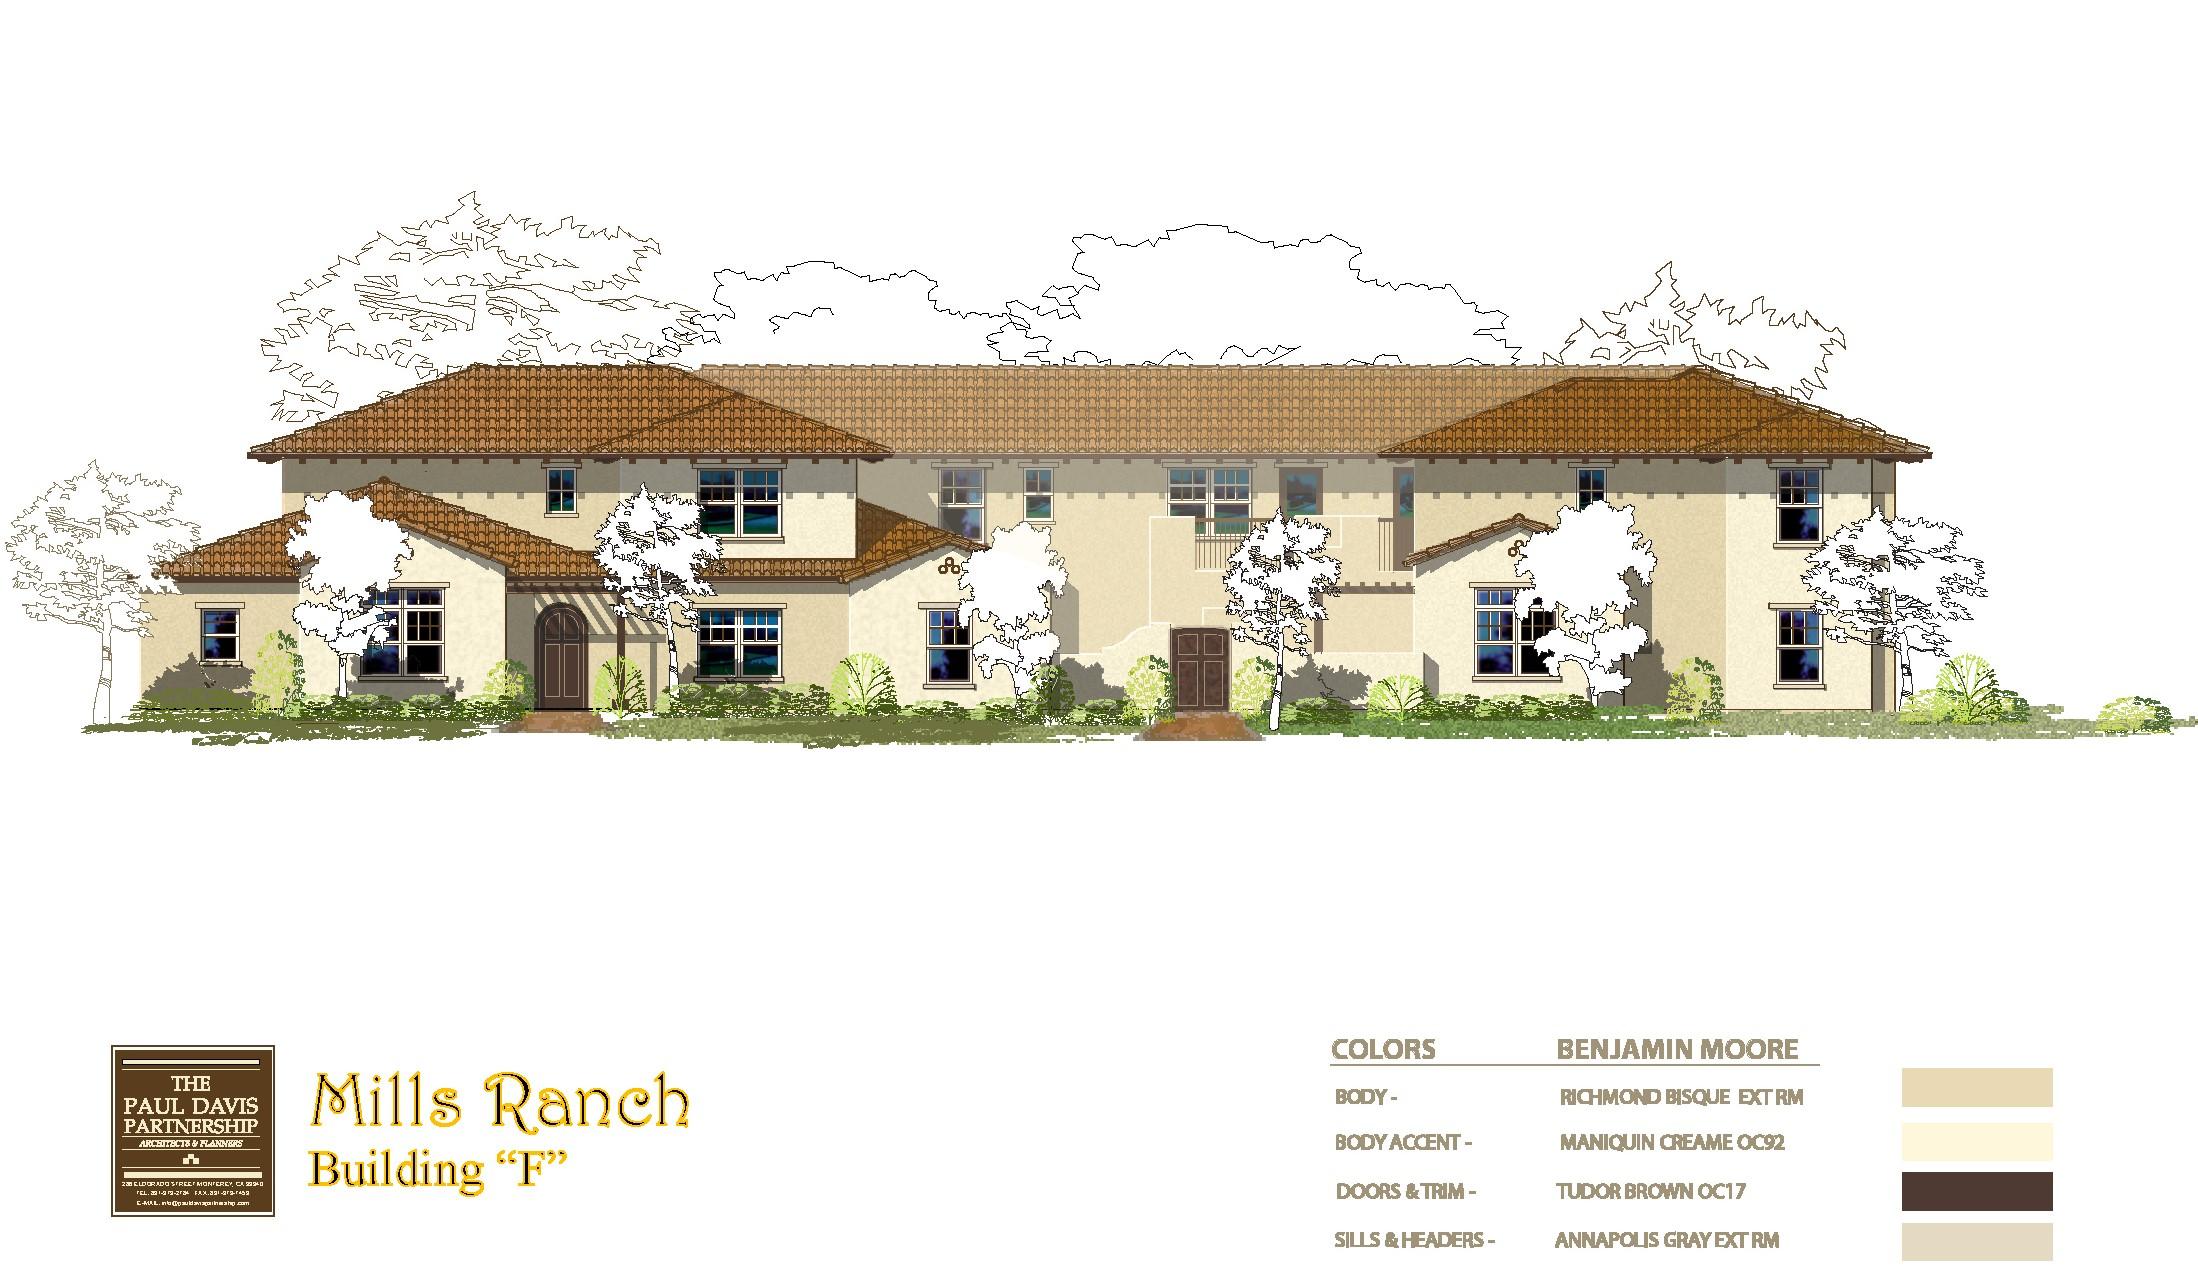 Mills Ranch rendering